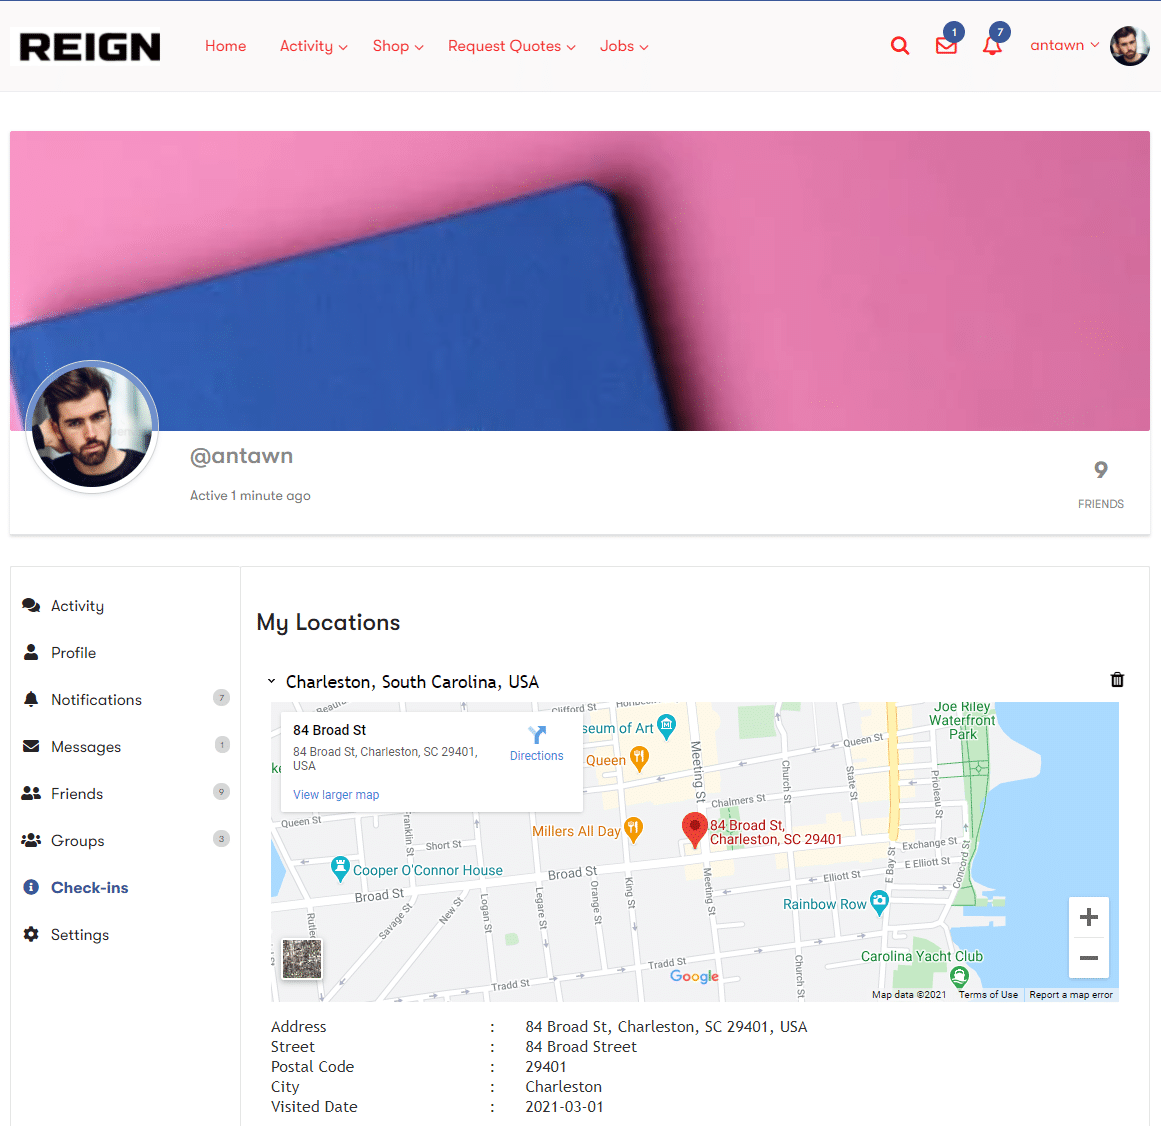 image.3 - Wbcom Designs